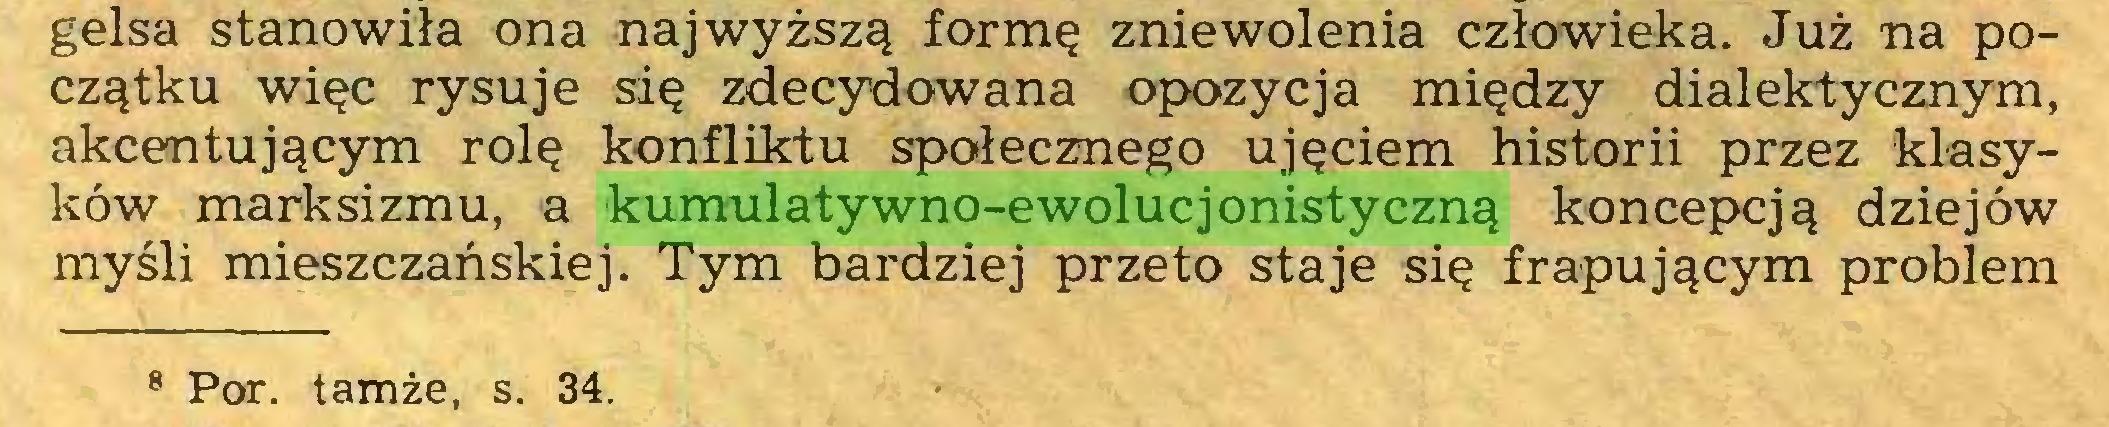 (...) gelsa stanowiła ona najwyższą formę zniewolenia człowieka. Już na początku więc rysuje się zdecydowana opozycja między dialektycznym, akcentującym rolę konfliktu społecznego ujęciem historii przez klasyków marksizmu, a kumulatywno-ewolucjonistyczną koncepcją dziejów myśli mieszczańskiej. Tym bardziej przeto staje się frapującym problem 8 Por. tamże, s. 34...